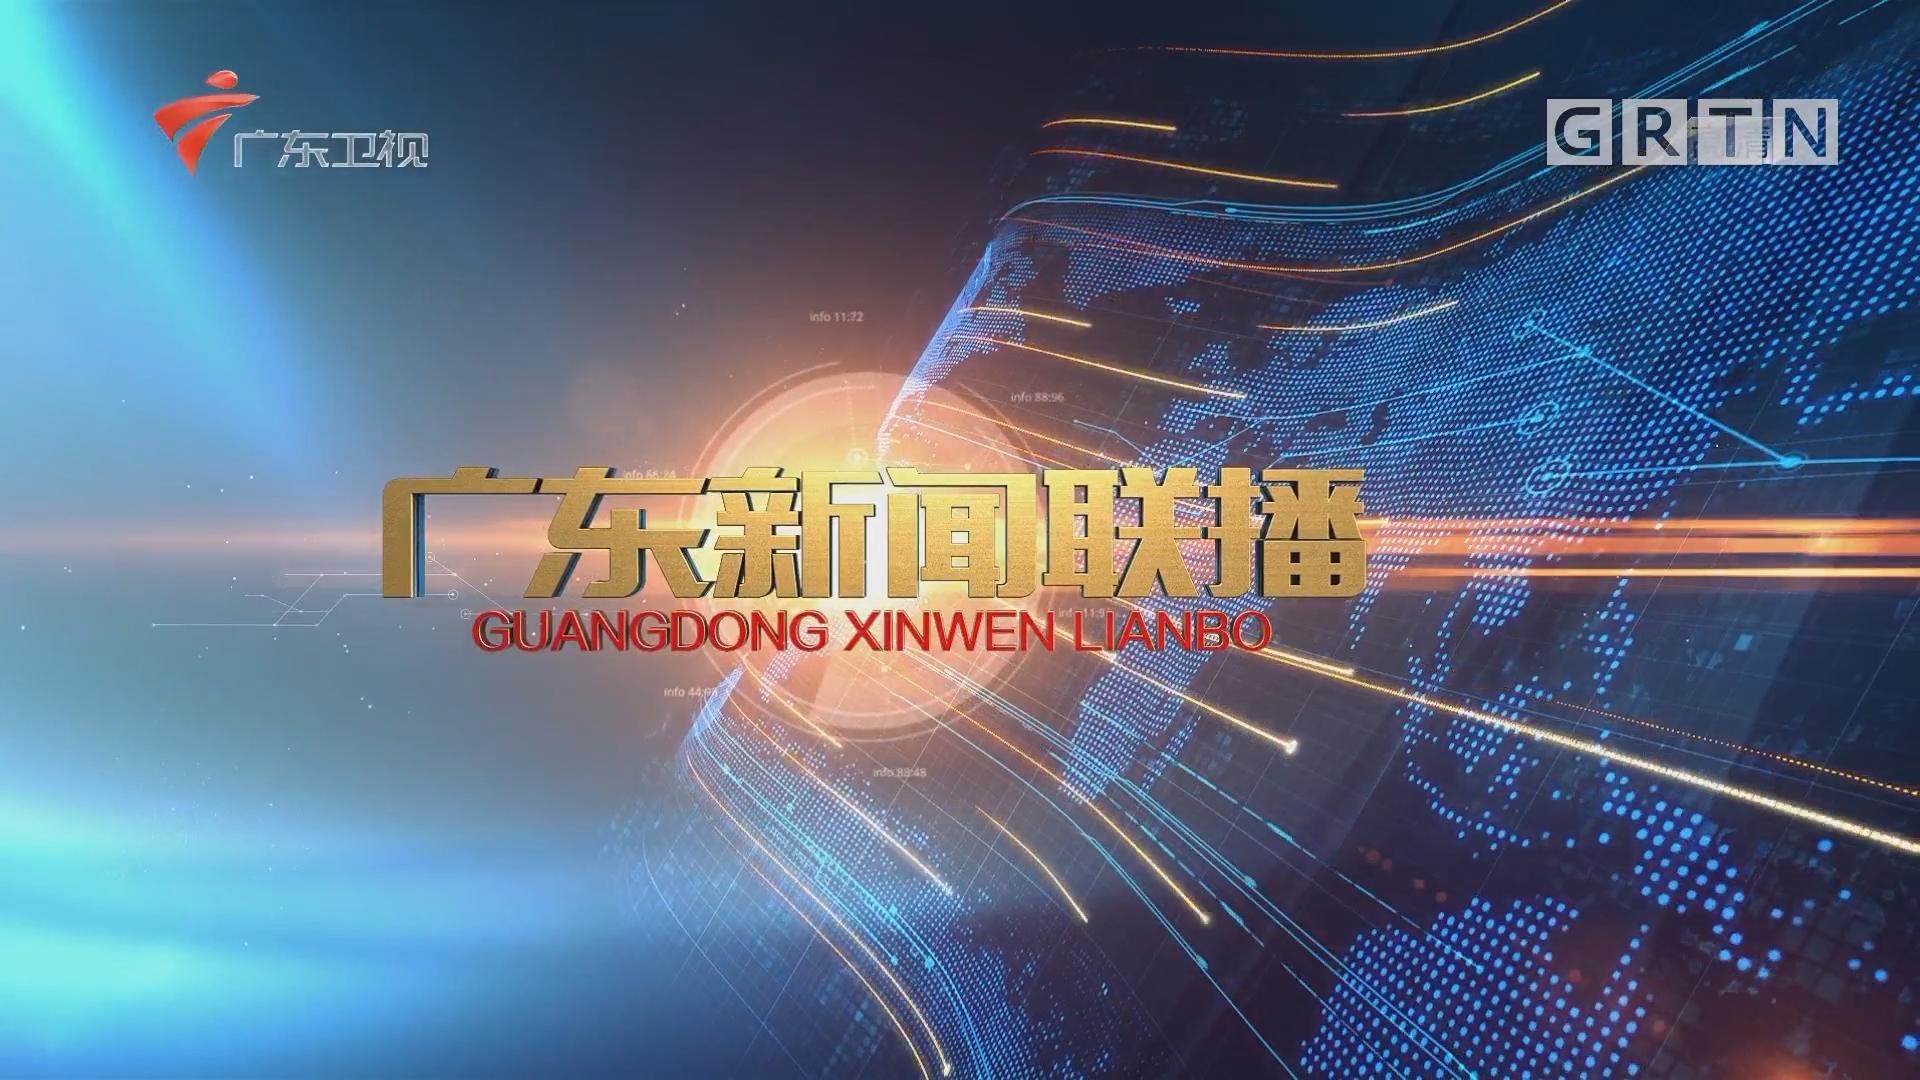 [HD][2018-05-29]广东新闻联播:中共广东省委十二届四次全会 6月8日至9日在广州召开